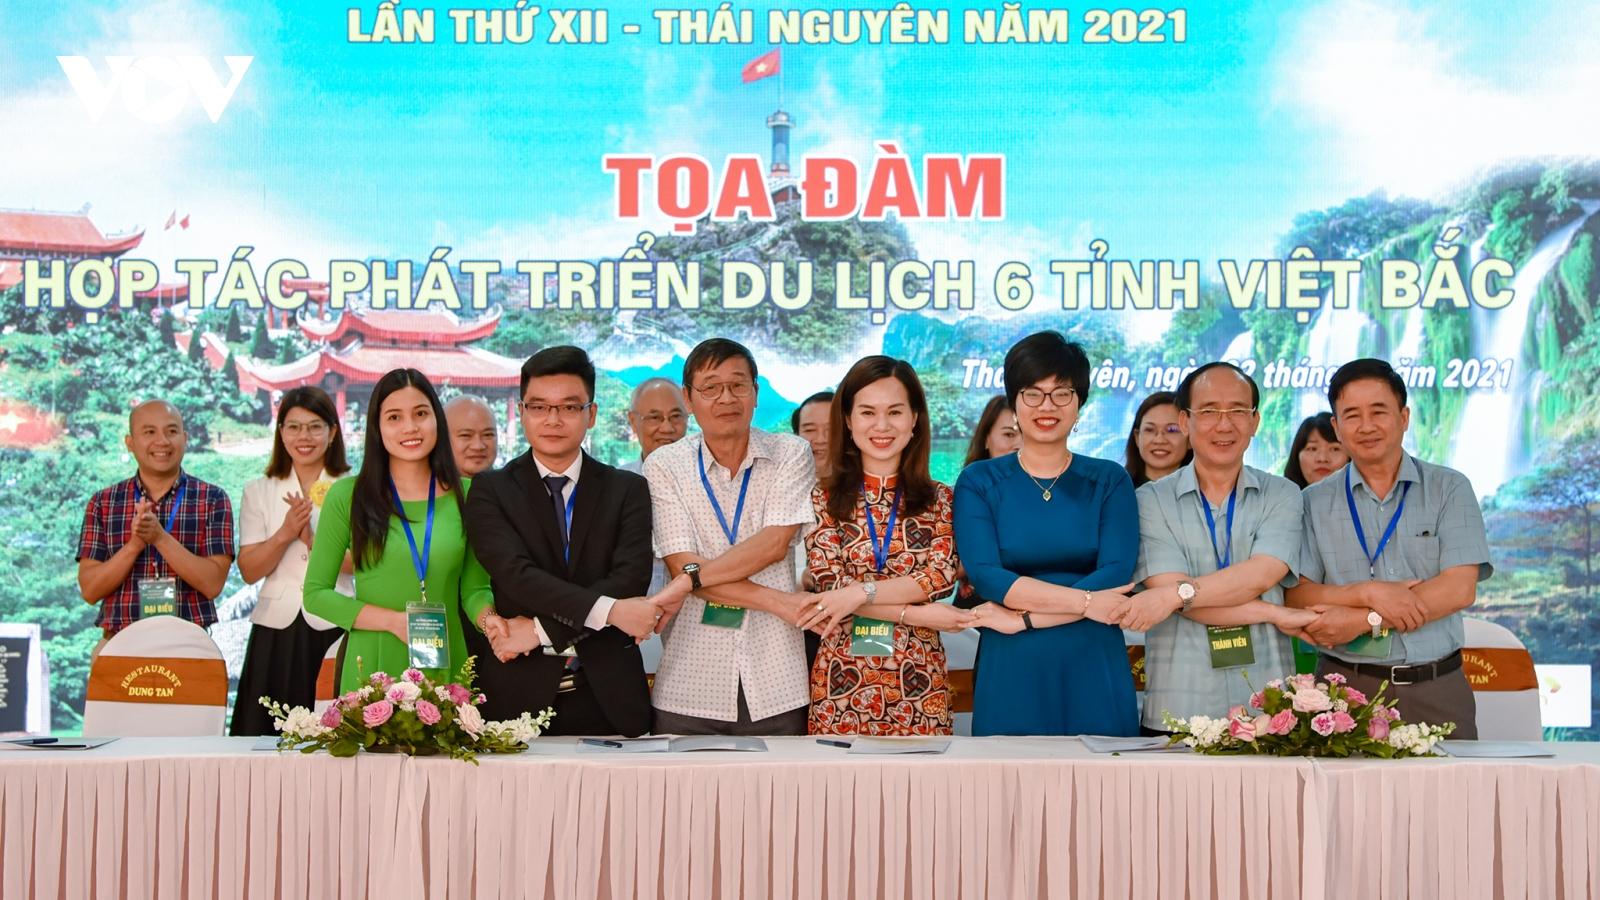 """Liên kết là """"chìa khóa"""" phát triển du lịch Việt Bắc"""